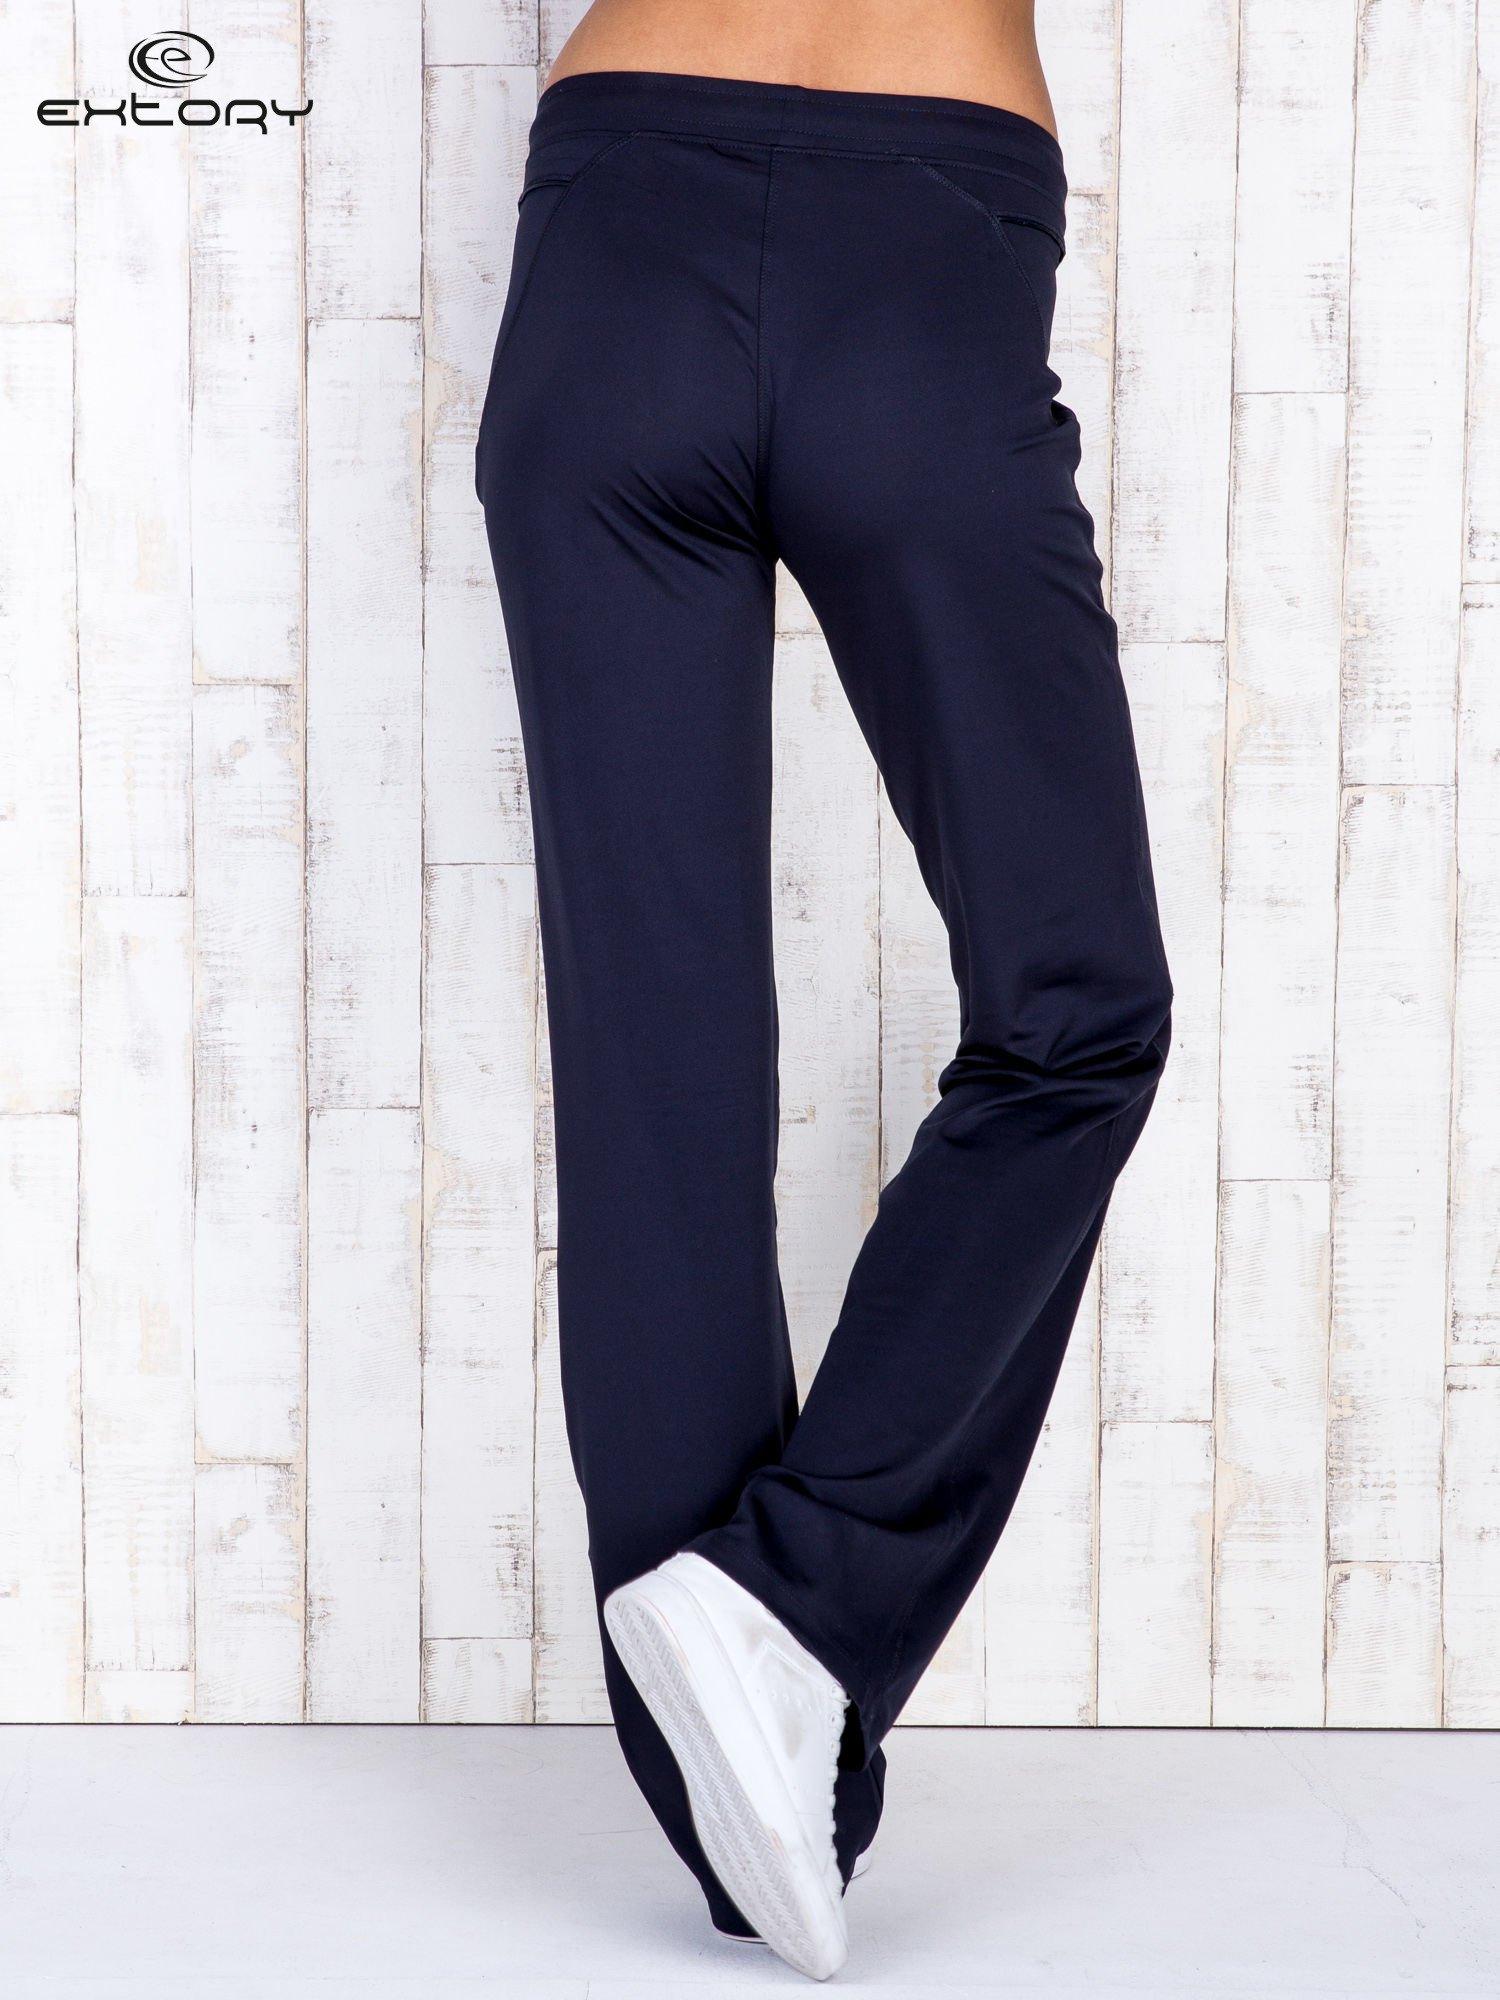 Granatowe spodnie dresowe z kieszonką i haftem PLUS SIZE                                  zdj.                                  2